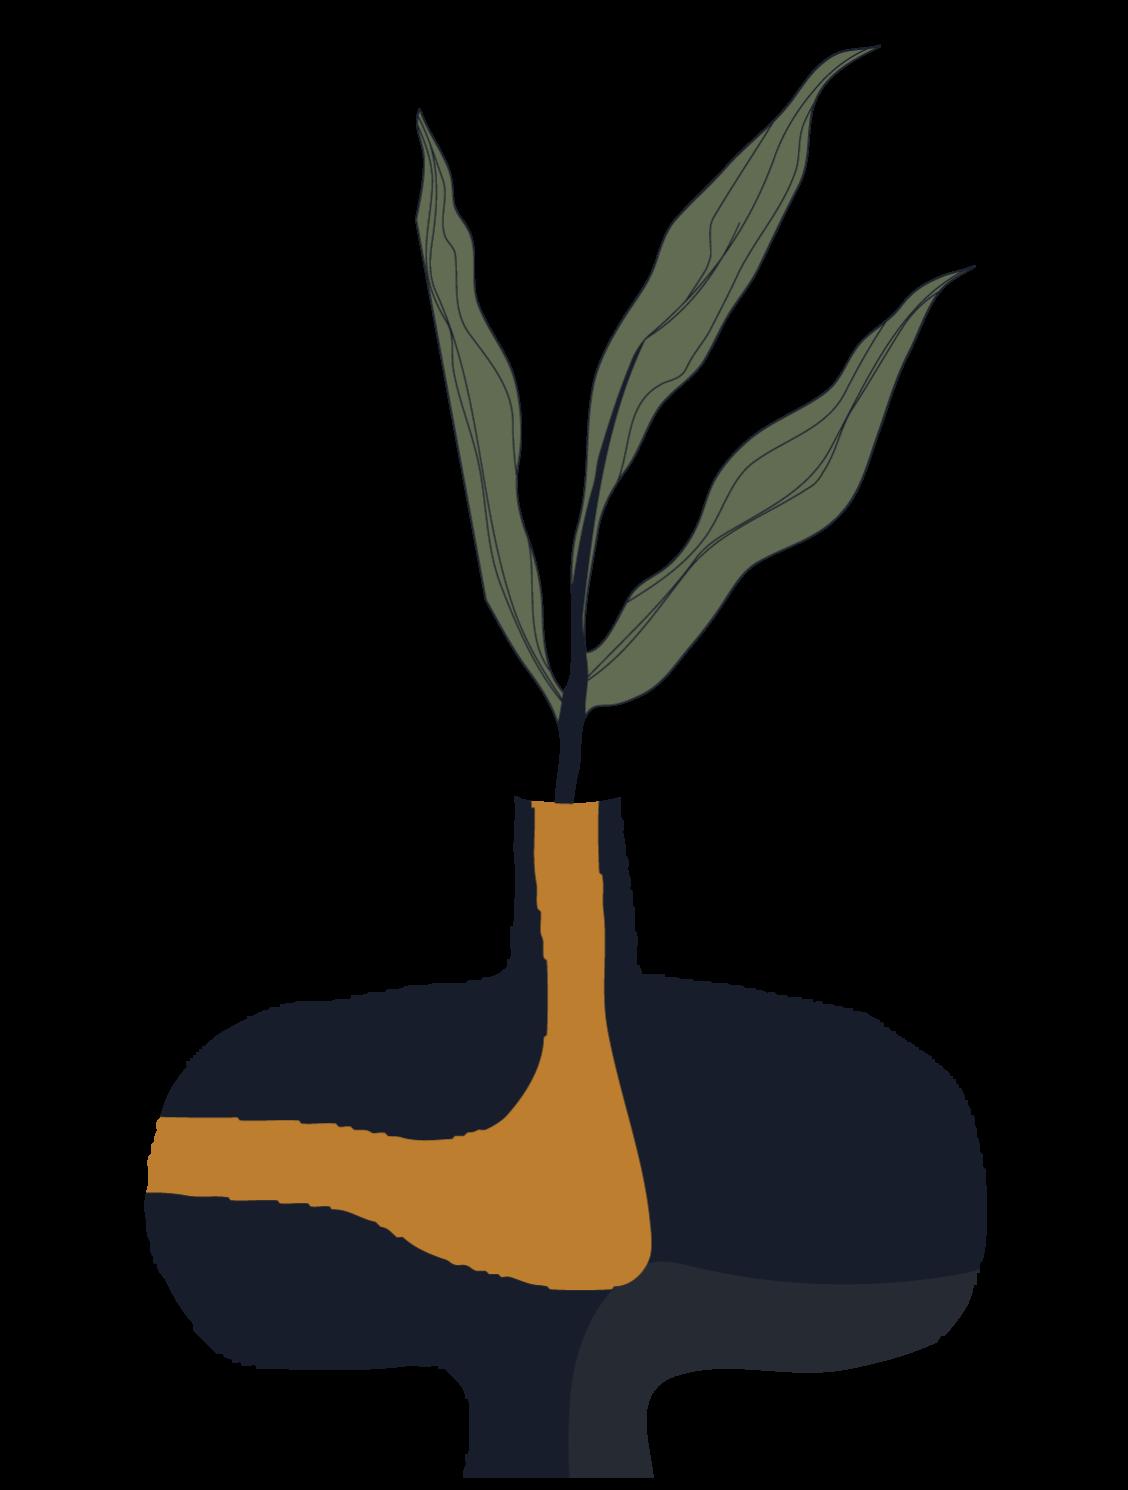 Диджитал-детокс с Ploom: 5 правил, как создать более экологичное инфопространство (фото 2)